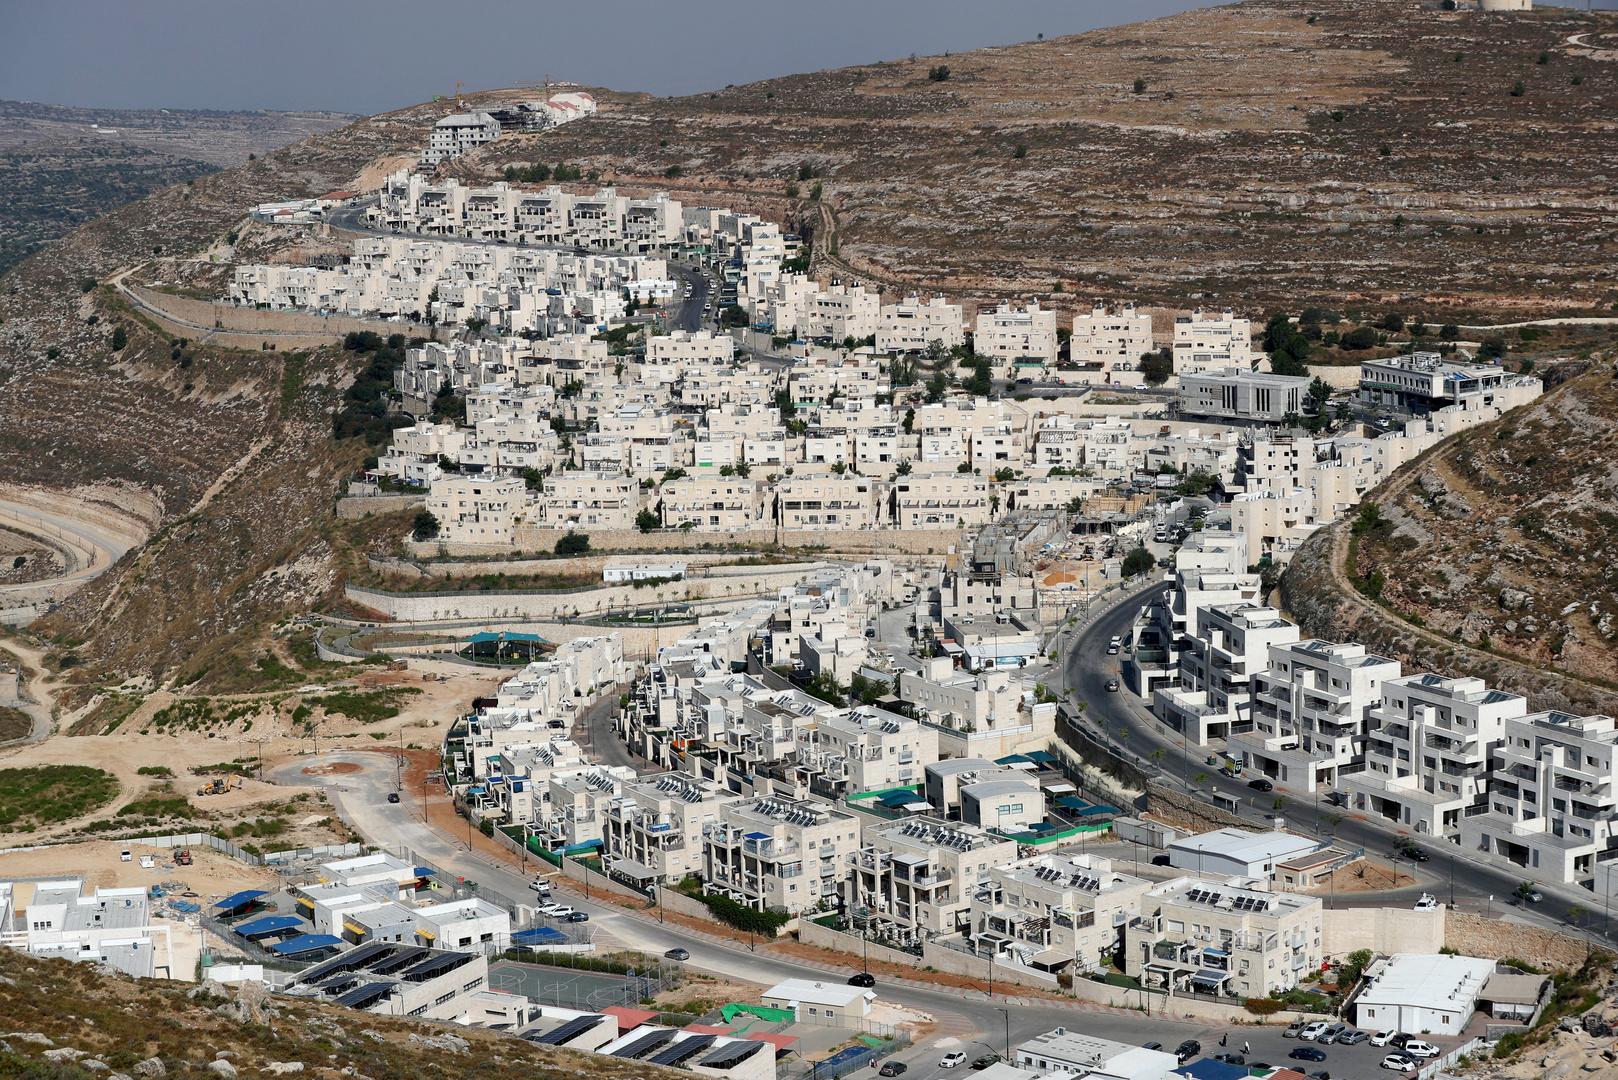 قبل أيام من تنصيب بايدن.. إسرائيل بصدد التصديق على بناء 850 وحدة استيطانية في الضفة الغربية